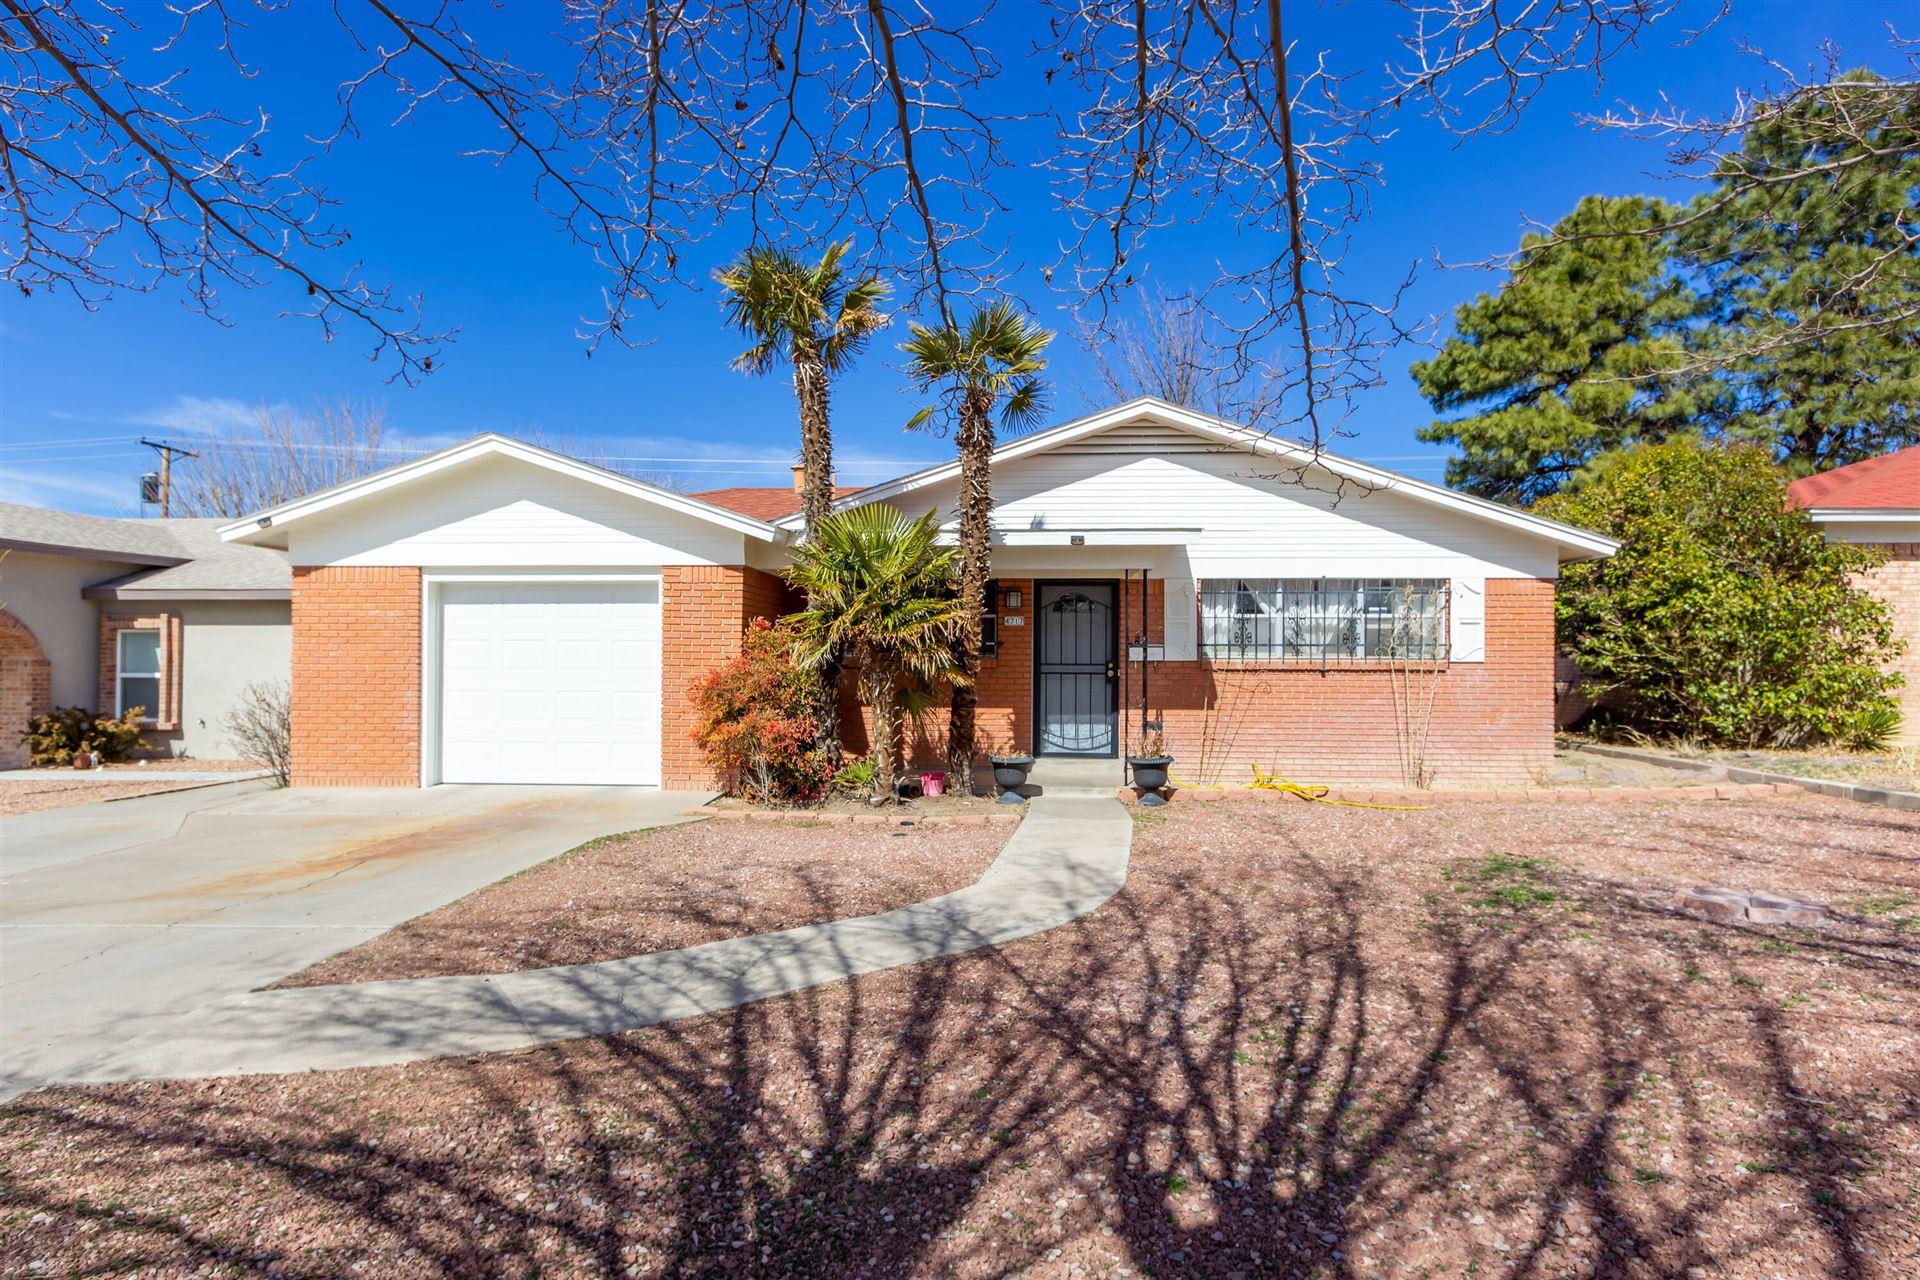 4717 COMANCHE Road NE, Albuquerque, NM 87110 - MLS#: 986406